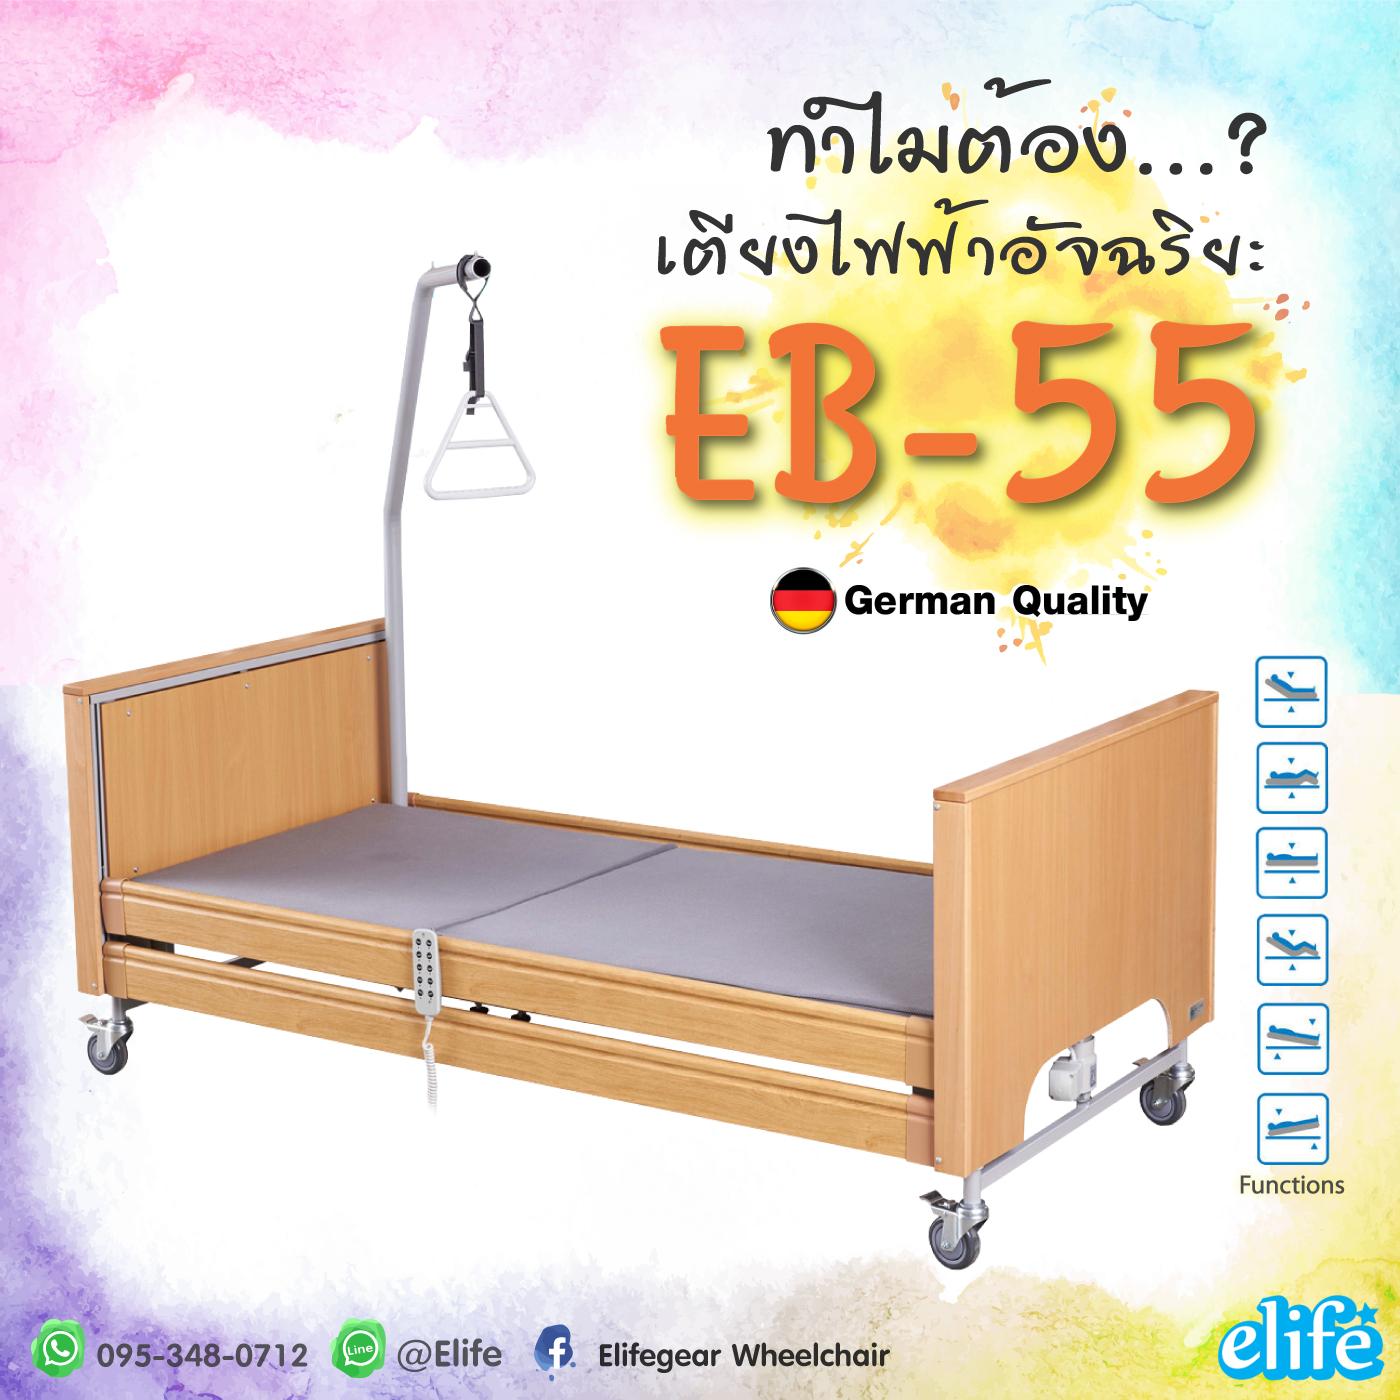 ทำไมต้องEB-55 เตียงไฟฟ้า 5ไกร์